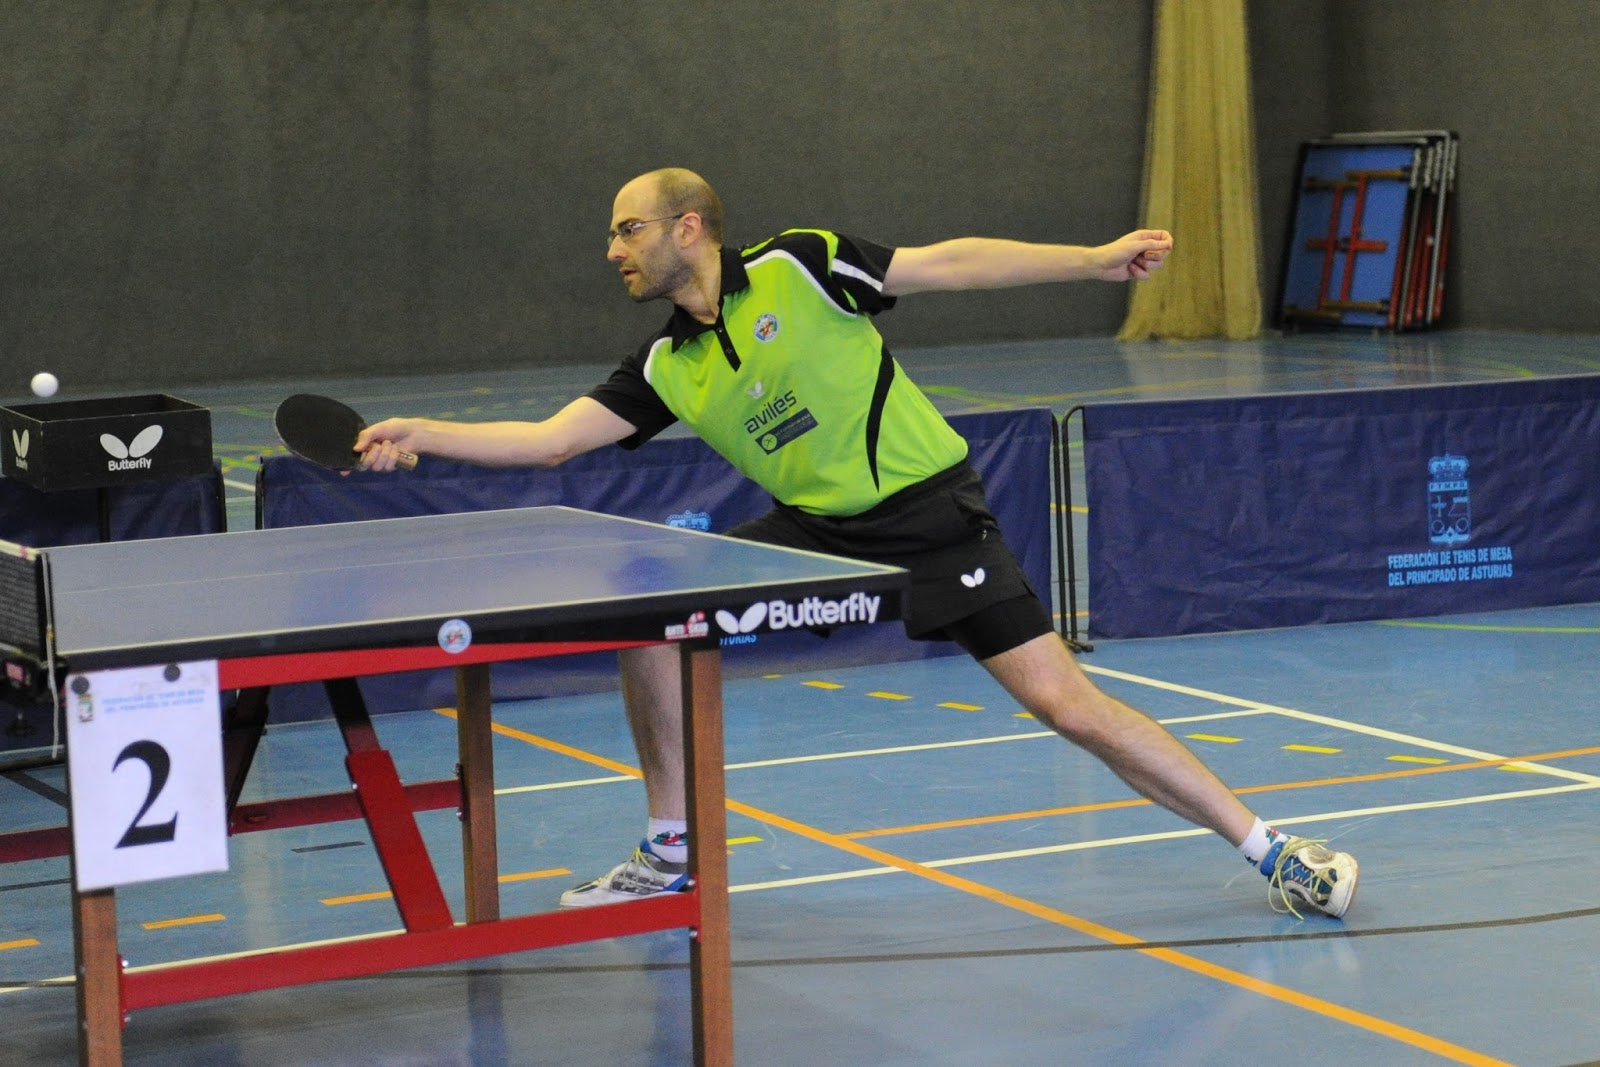 Avil s tenis de mesa resultados de las competiciones del fin de semana pasado - Aviles tenis de mesa ...